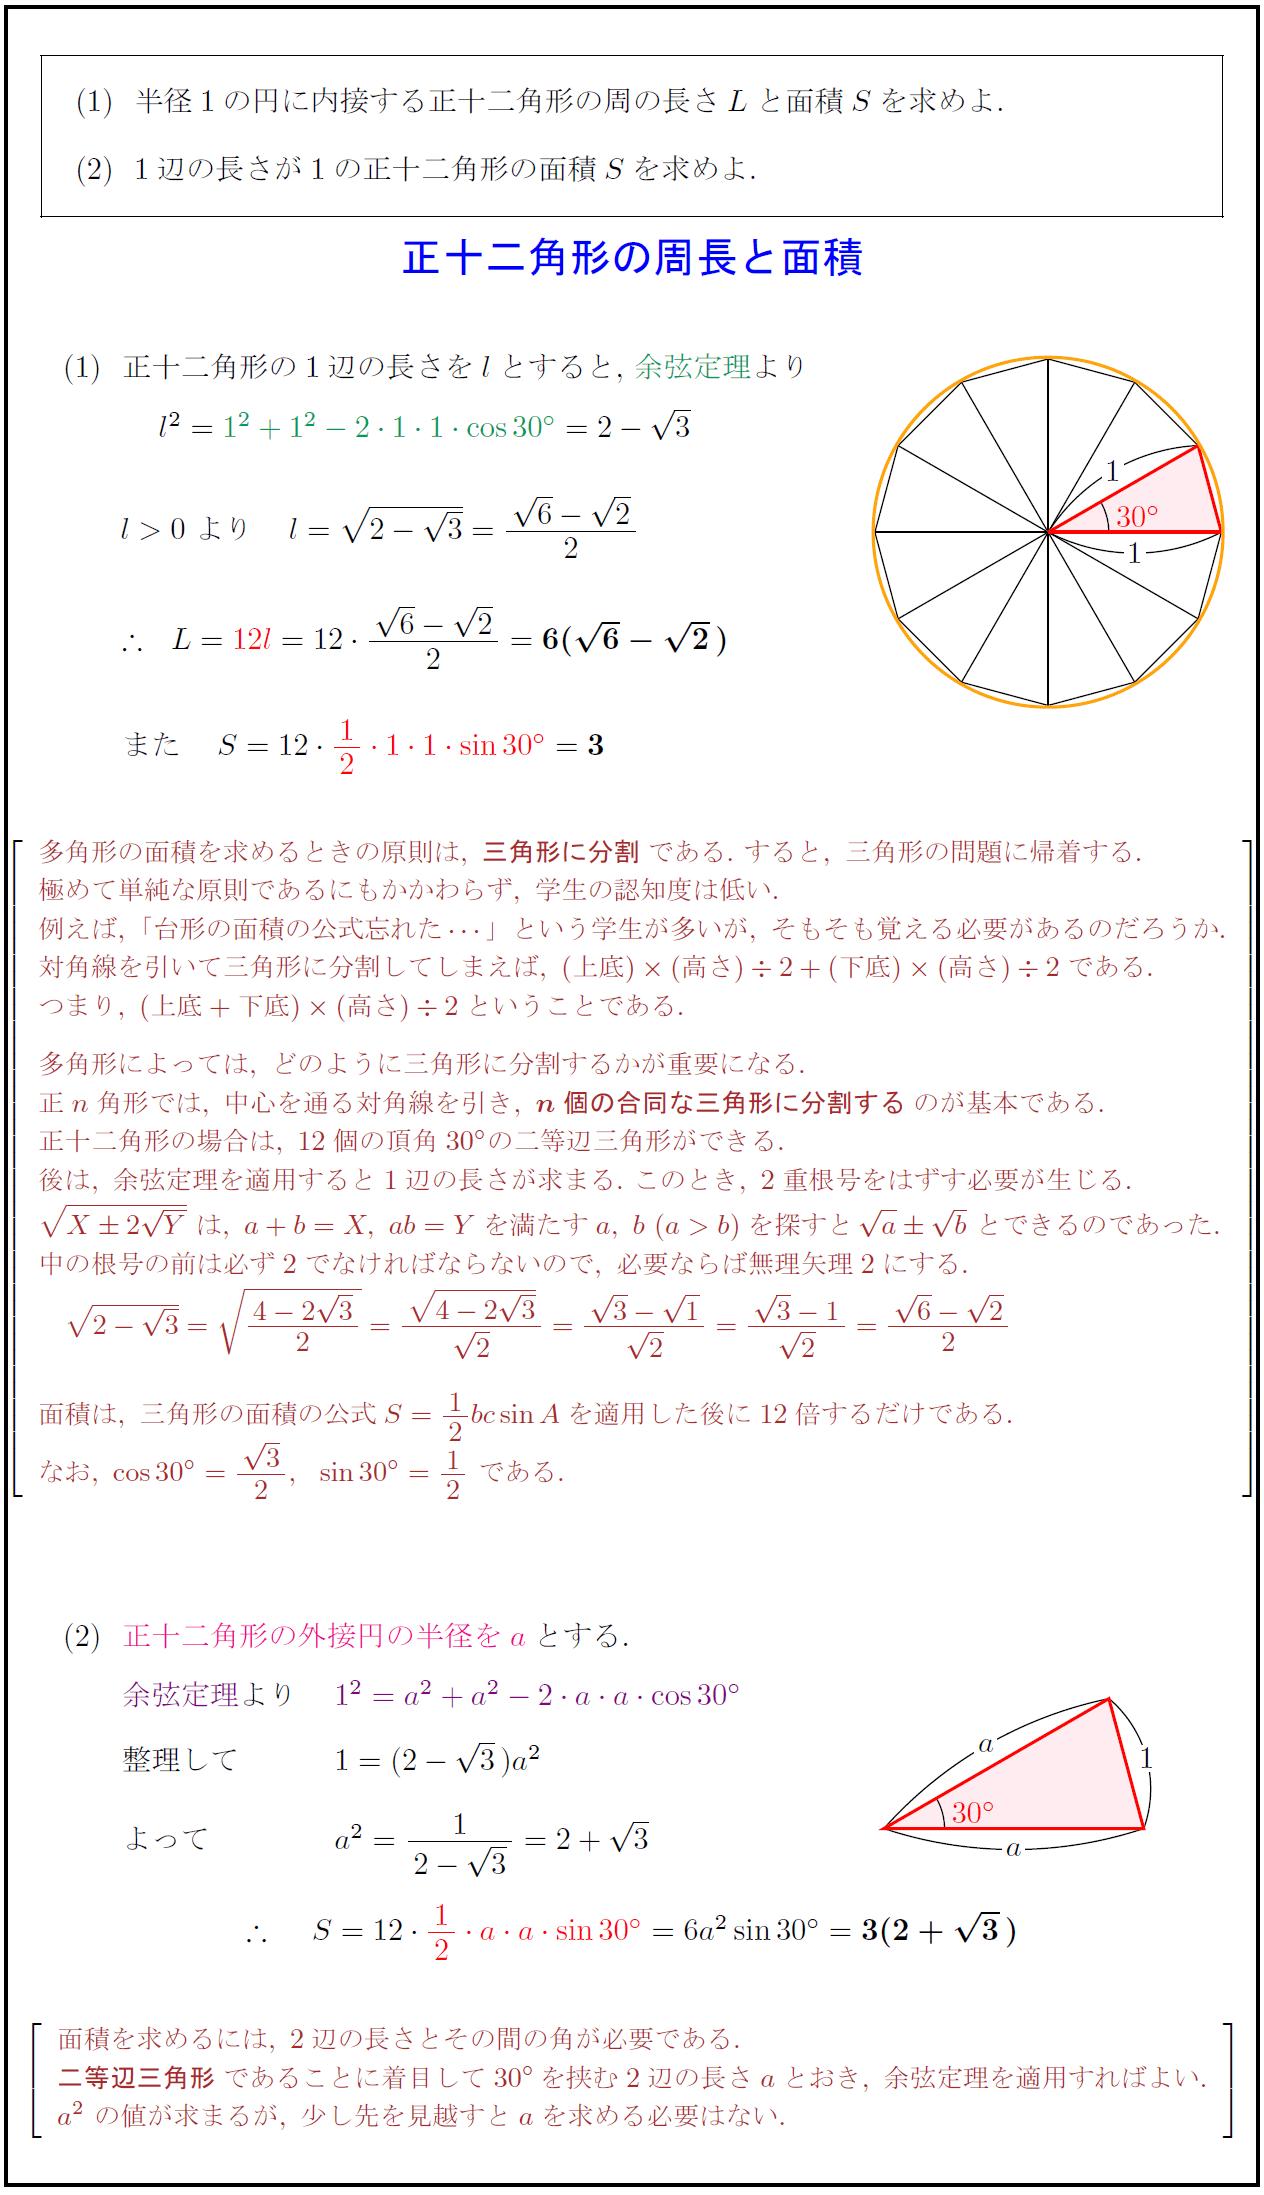 周 の の 円 長 公式 さ